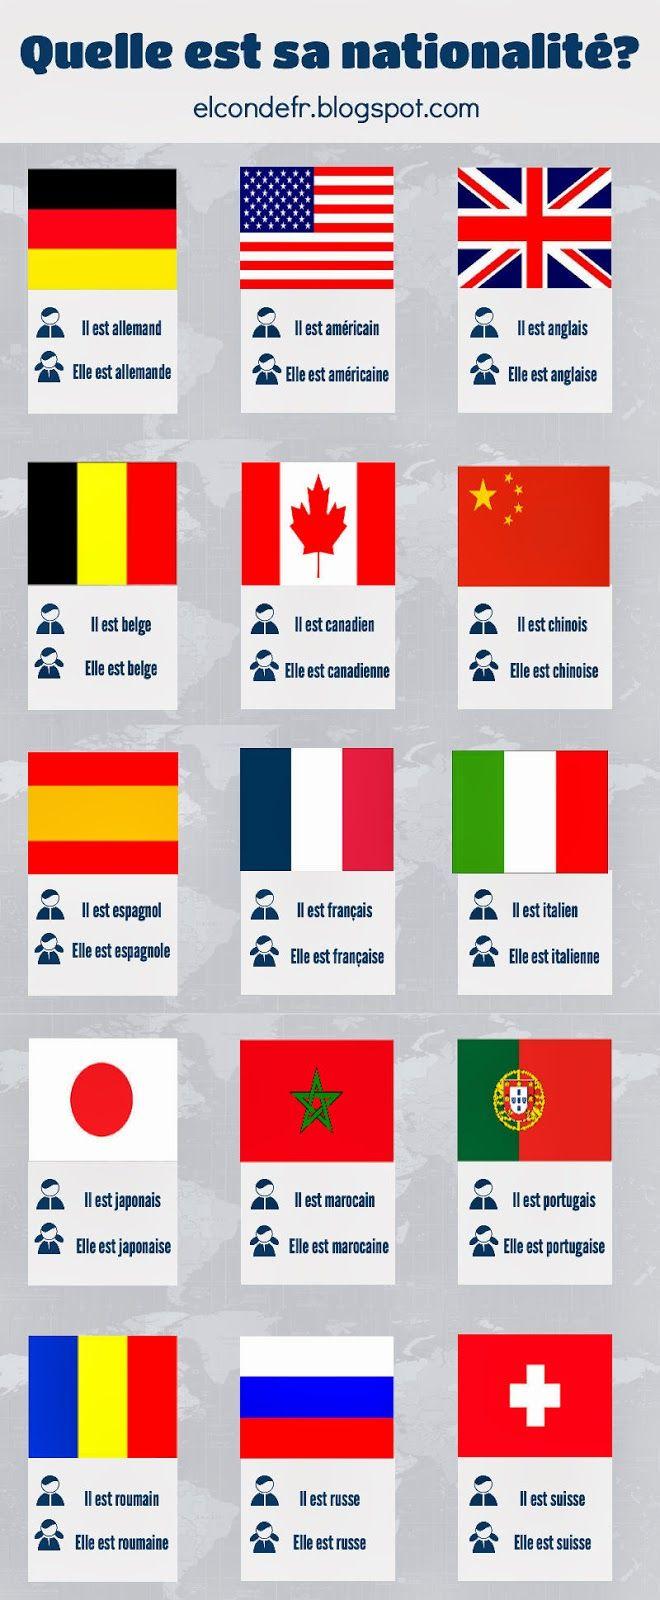 El Conde. fr: Les nationalités au masculin et au féminin